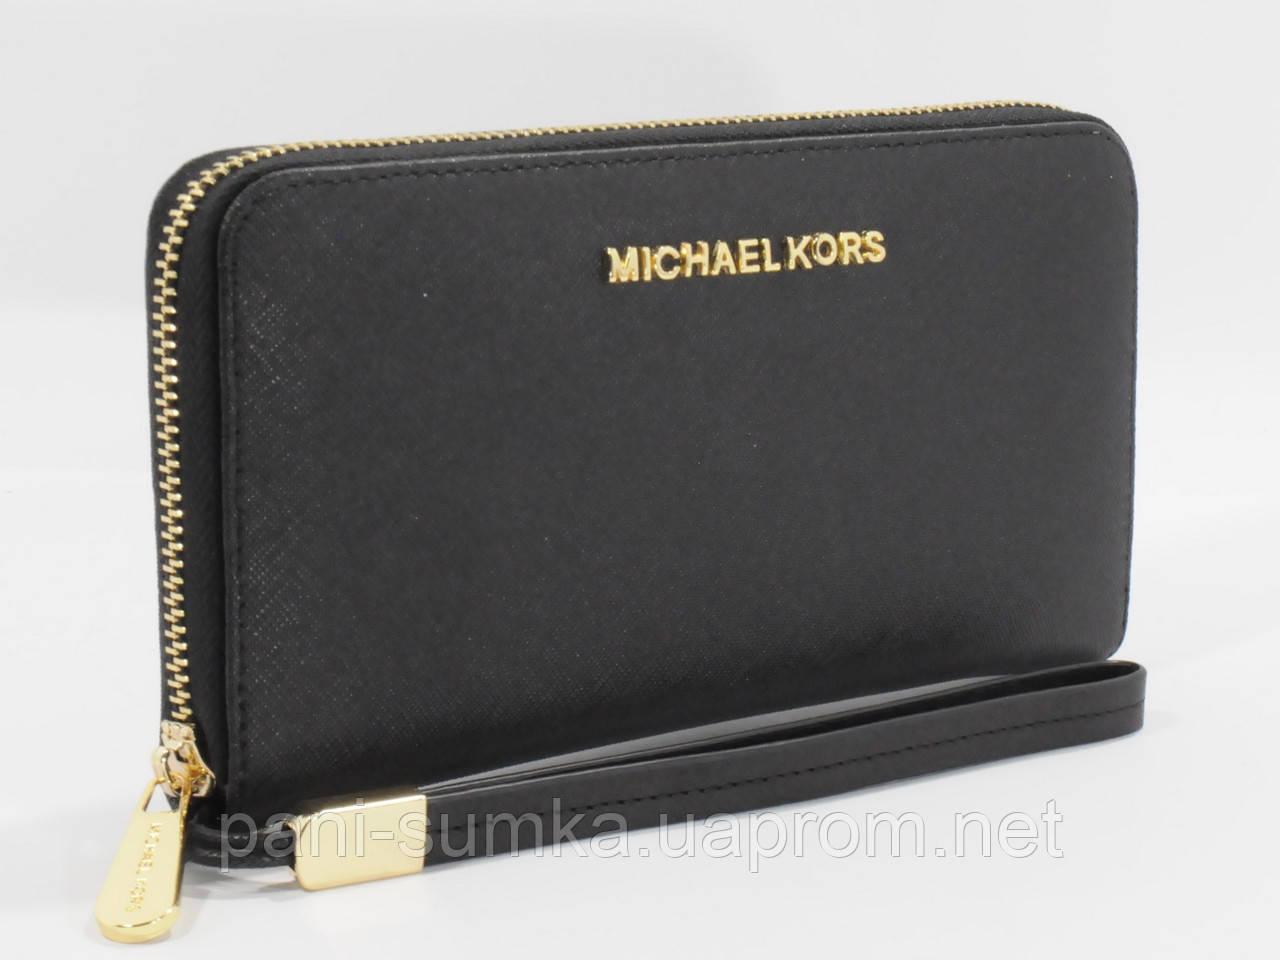 Кошелек женский кожаный на молнии Michael Kors 60019-А черный, расцветки -  Интернет магазин 65059414b9d